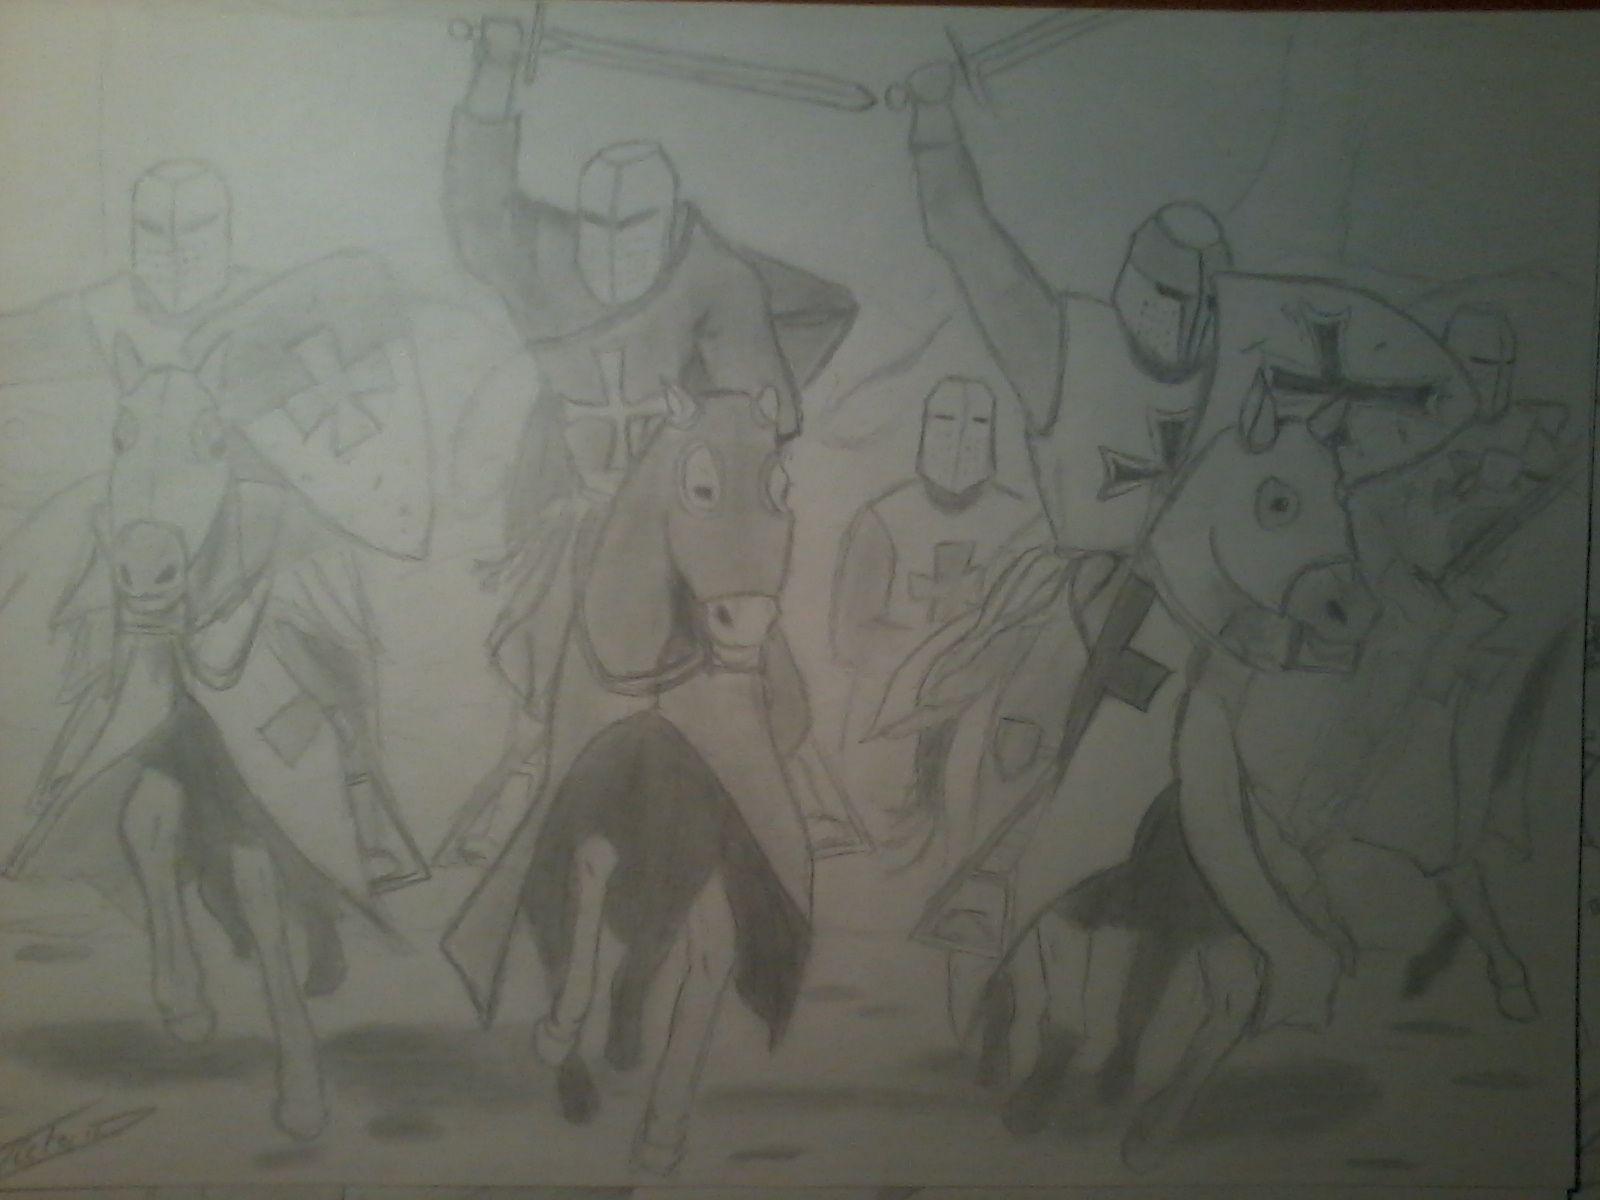 Cruzados. Formato din A4, hecho con lápiz stadler número 1 y difuminador número 3. En el dibujo aparece un caballero de la orden Templaria (izda.), otro de la orden de San Juan (centro), y otro de la orden de los Teutones (derecha).